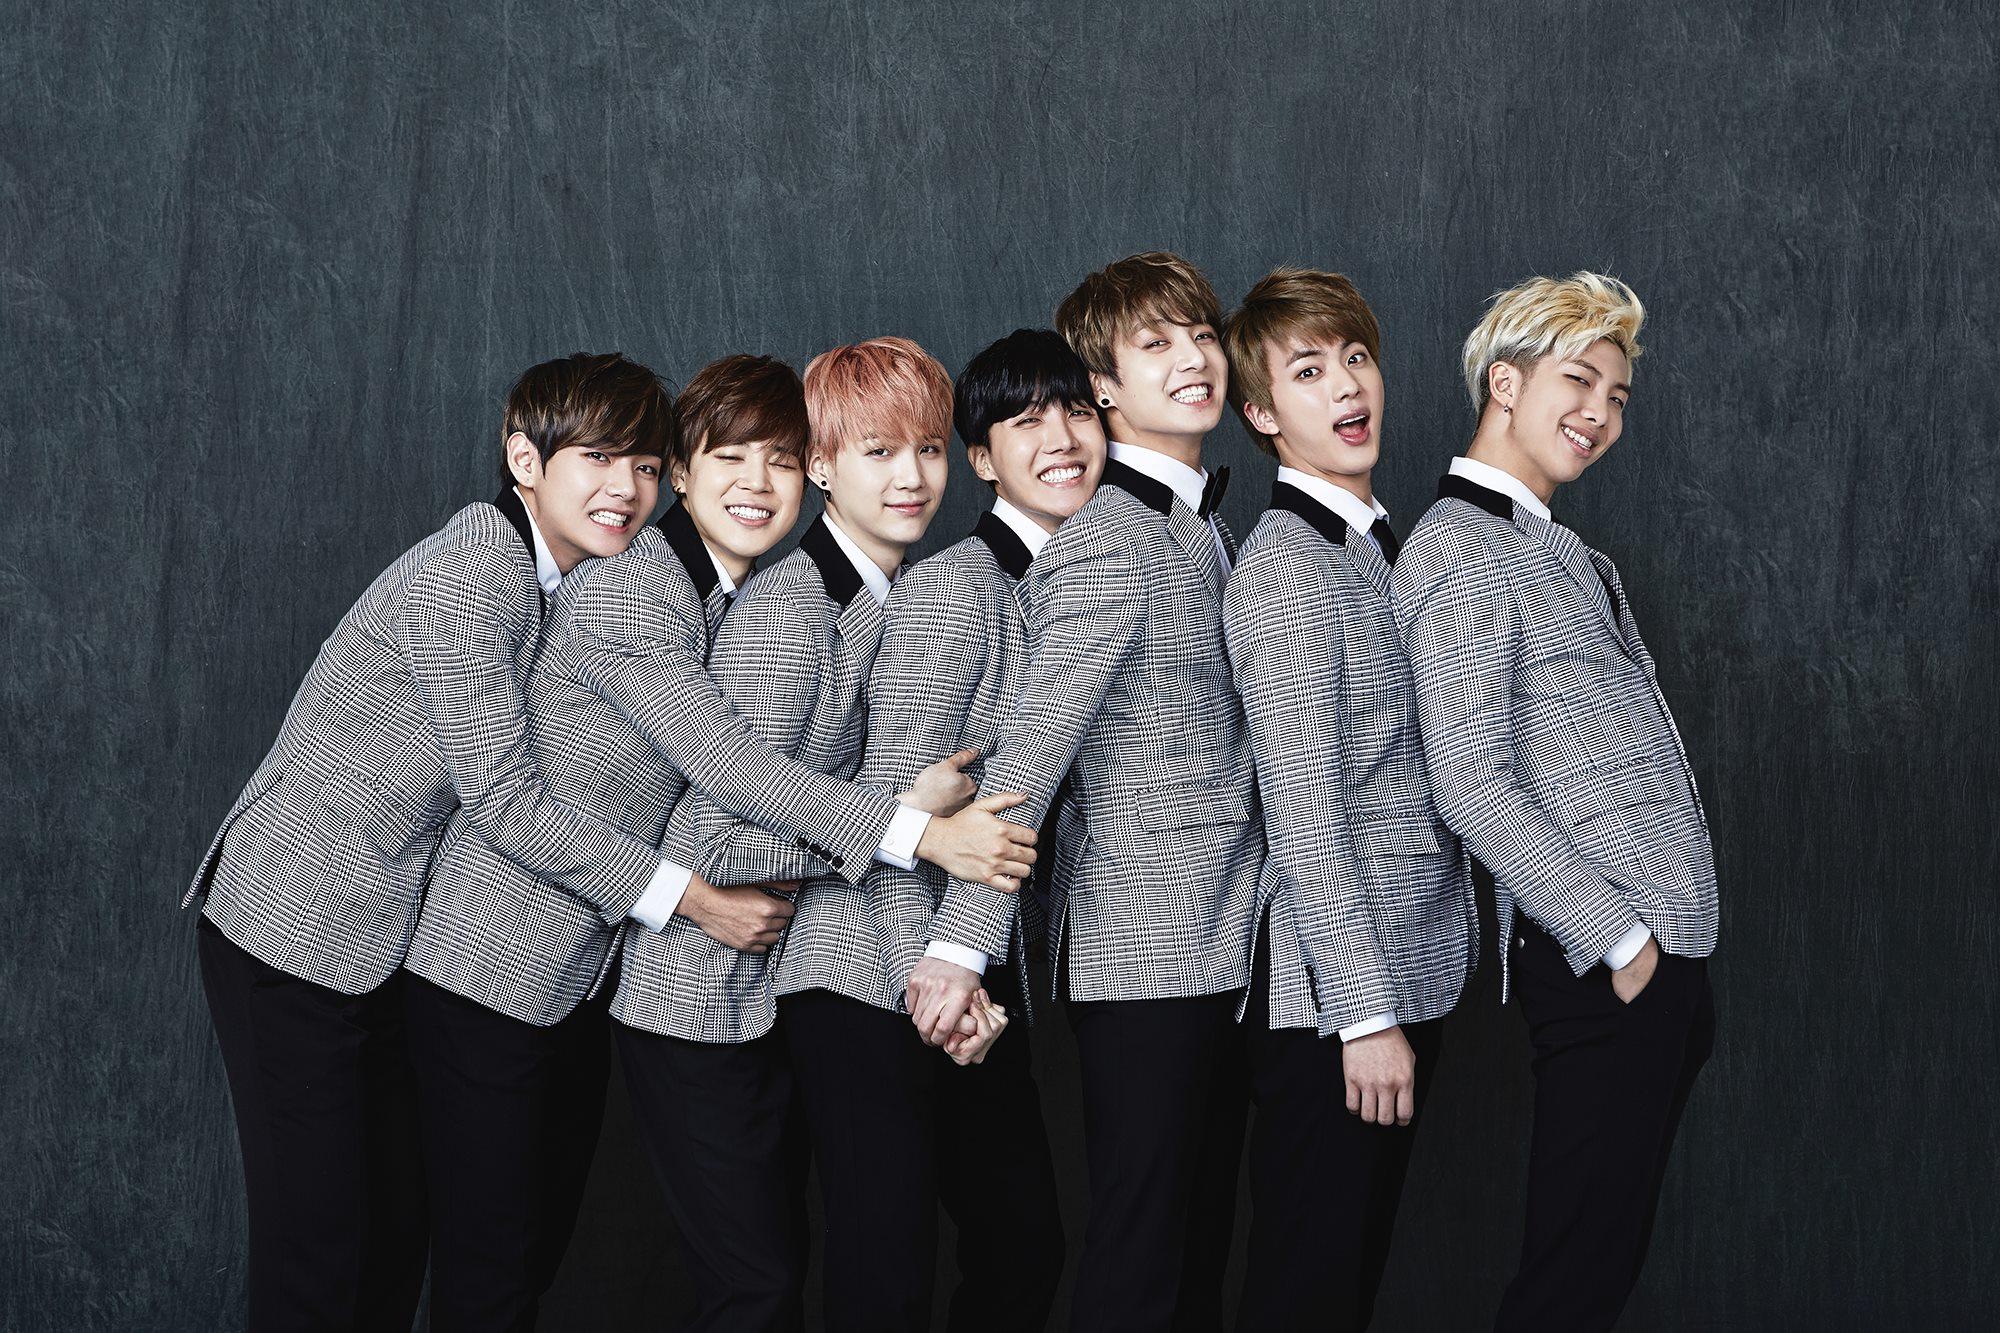 他們將在 11 月的演唱會上,公開「花樣年華 pt.2」的新歌舞台,為這次的宣傳活動揭開序幕。